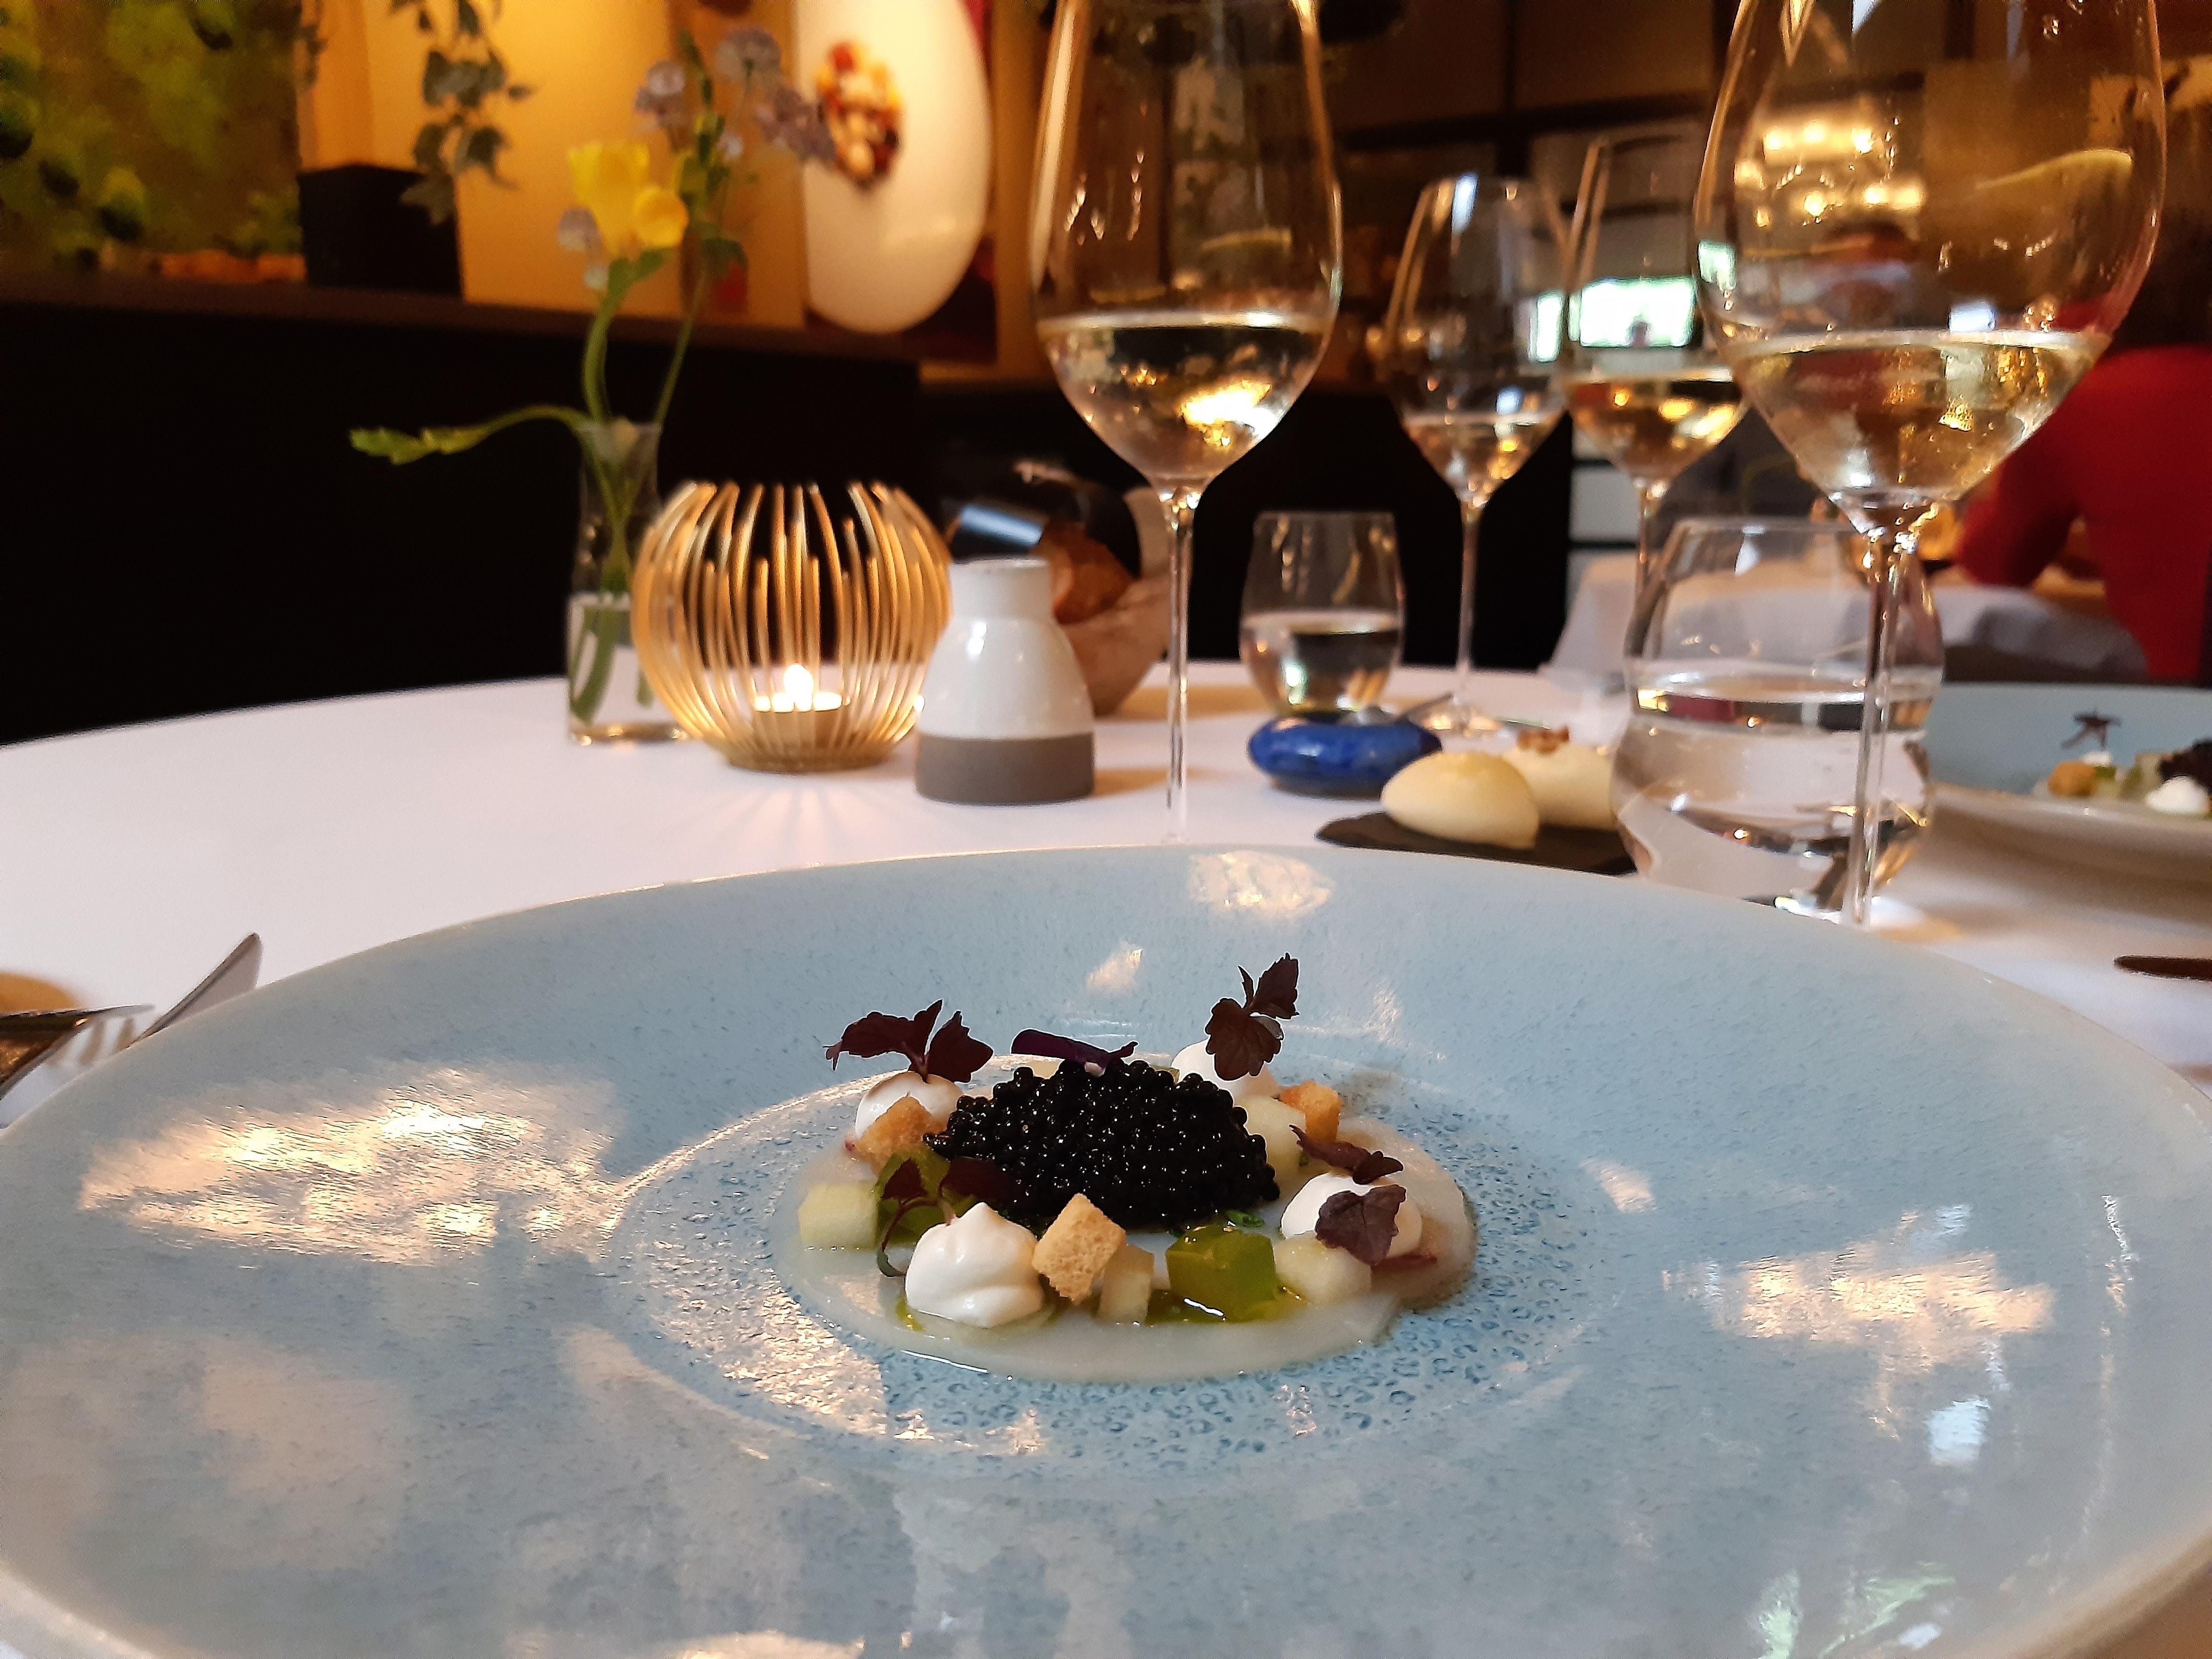 DeDAKKAS in Haarlem: dineren met prachtig uitzicht over de stad - Culy.nl